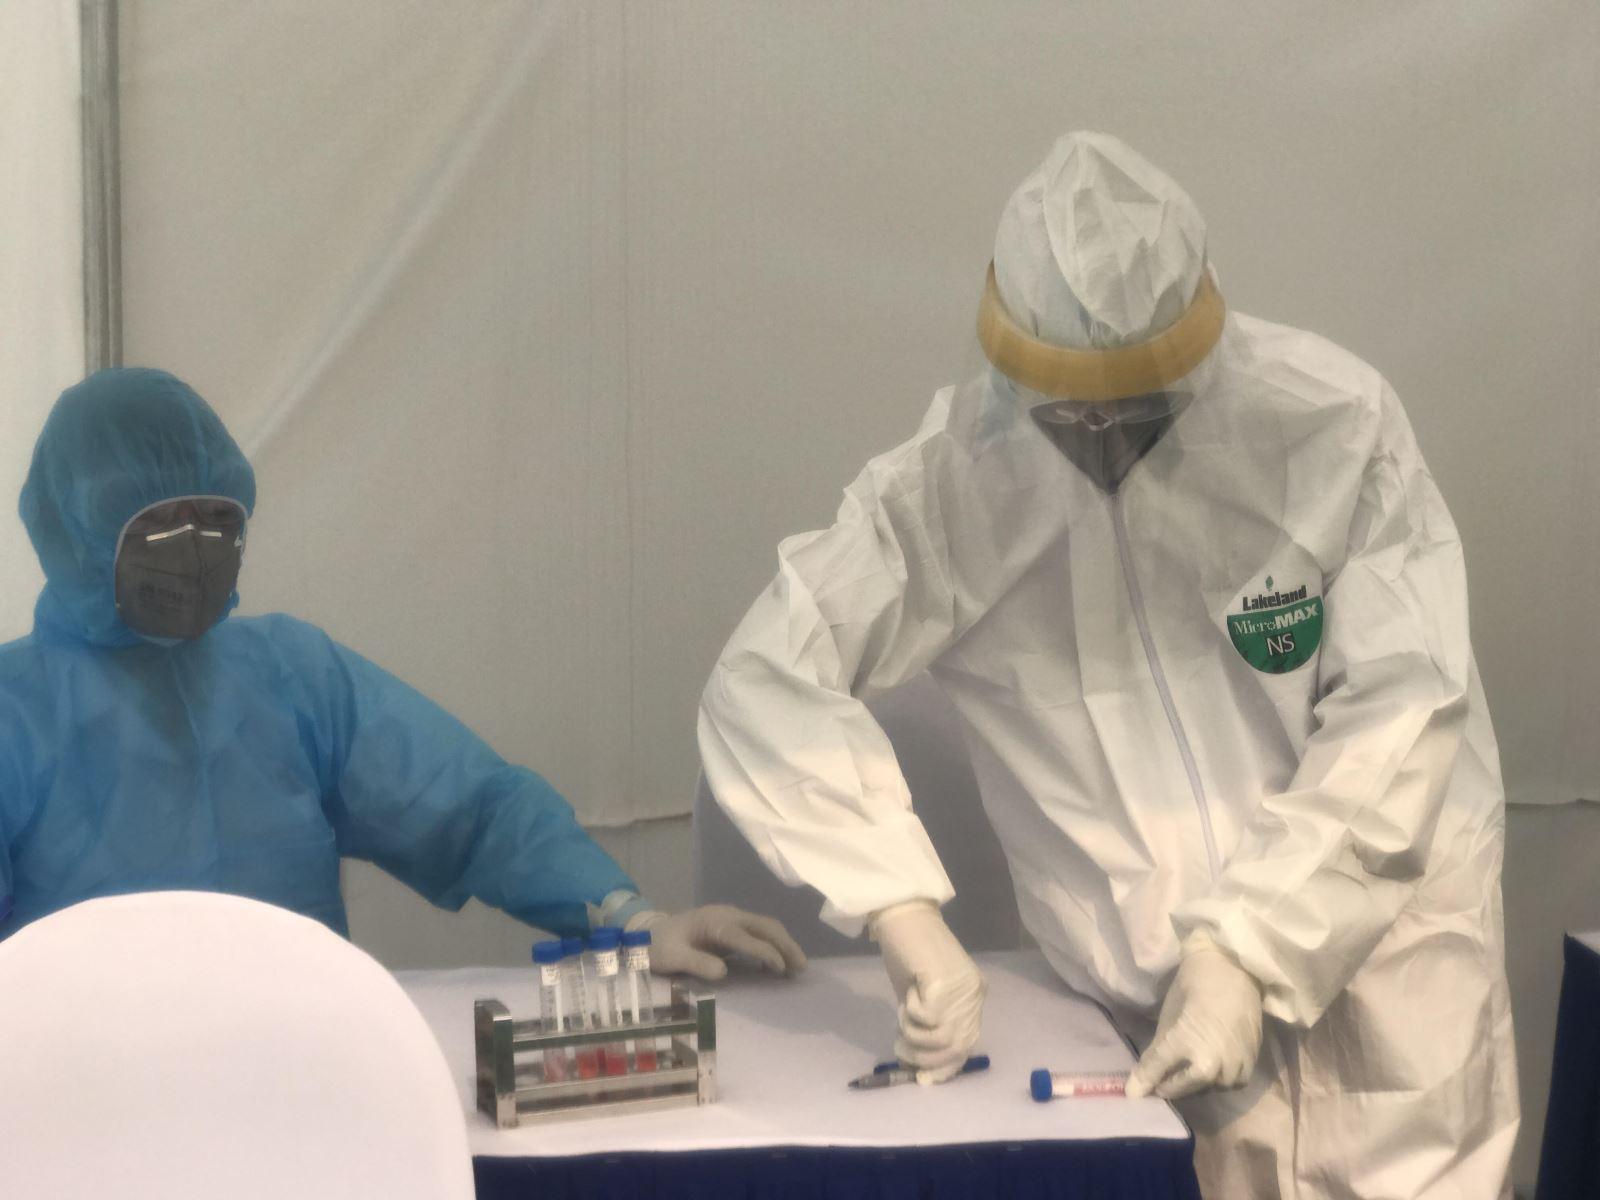 Đội phản ứng nhanh phòng dịch COVID-19: Đã khoác đồ phòng hộ là xác định 'ngứa không gãi, không đi vệ sinh' - Ảnh 5